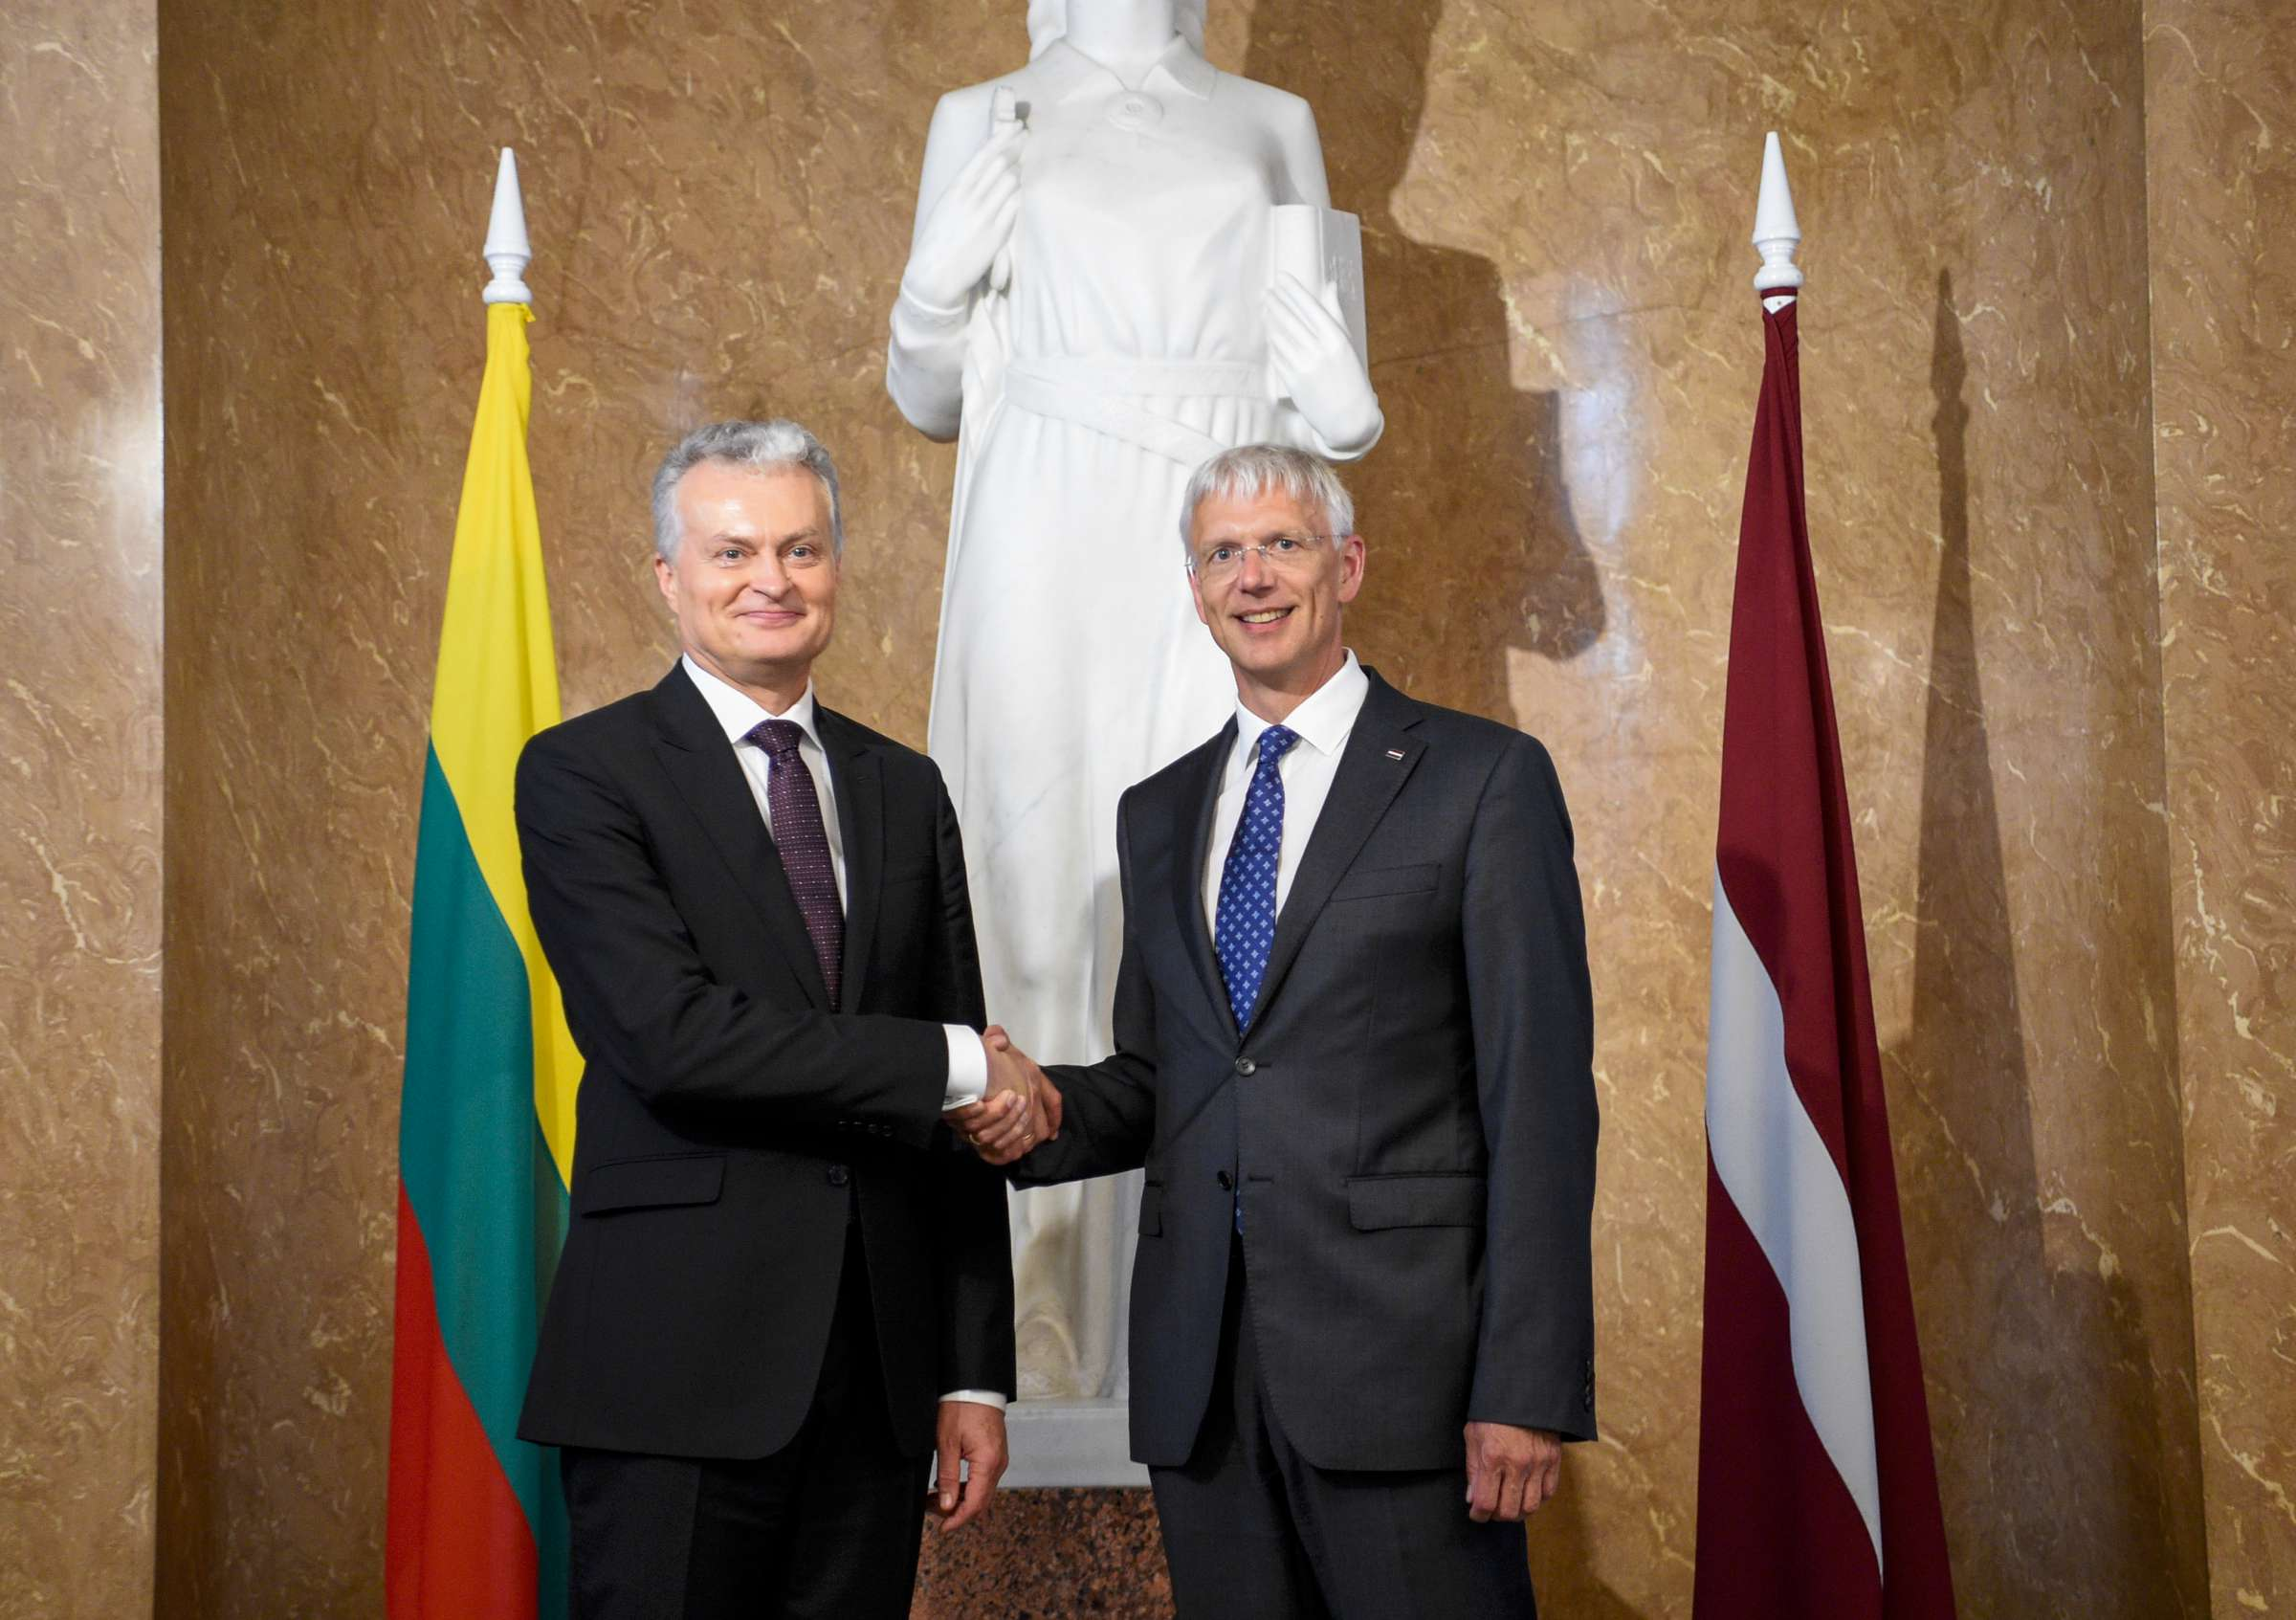 Lietuvos Respublikos Prezidentas susitinka su Latvijos Respublikos Ministru Pirmininku Krišjaniu Kariniu | lrp.lt, R. Dačkaus nuotr.